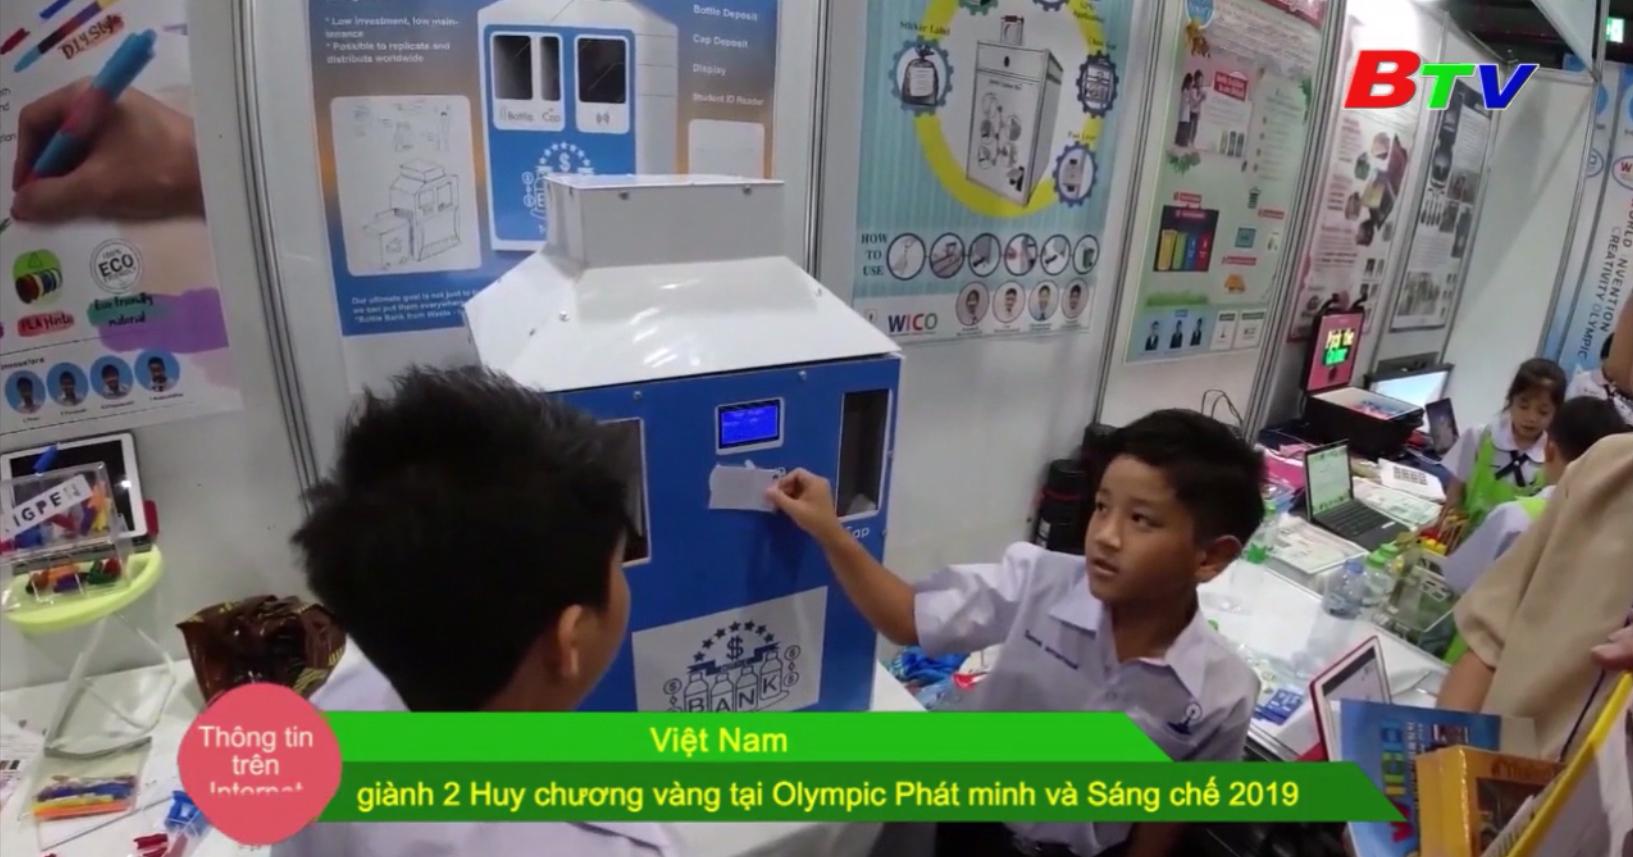 Việt Nam giành 2 Huy chương vàng tại Olympic Phát minh và Sáng chế 2019